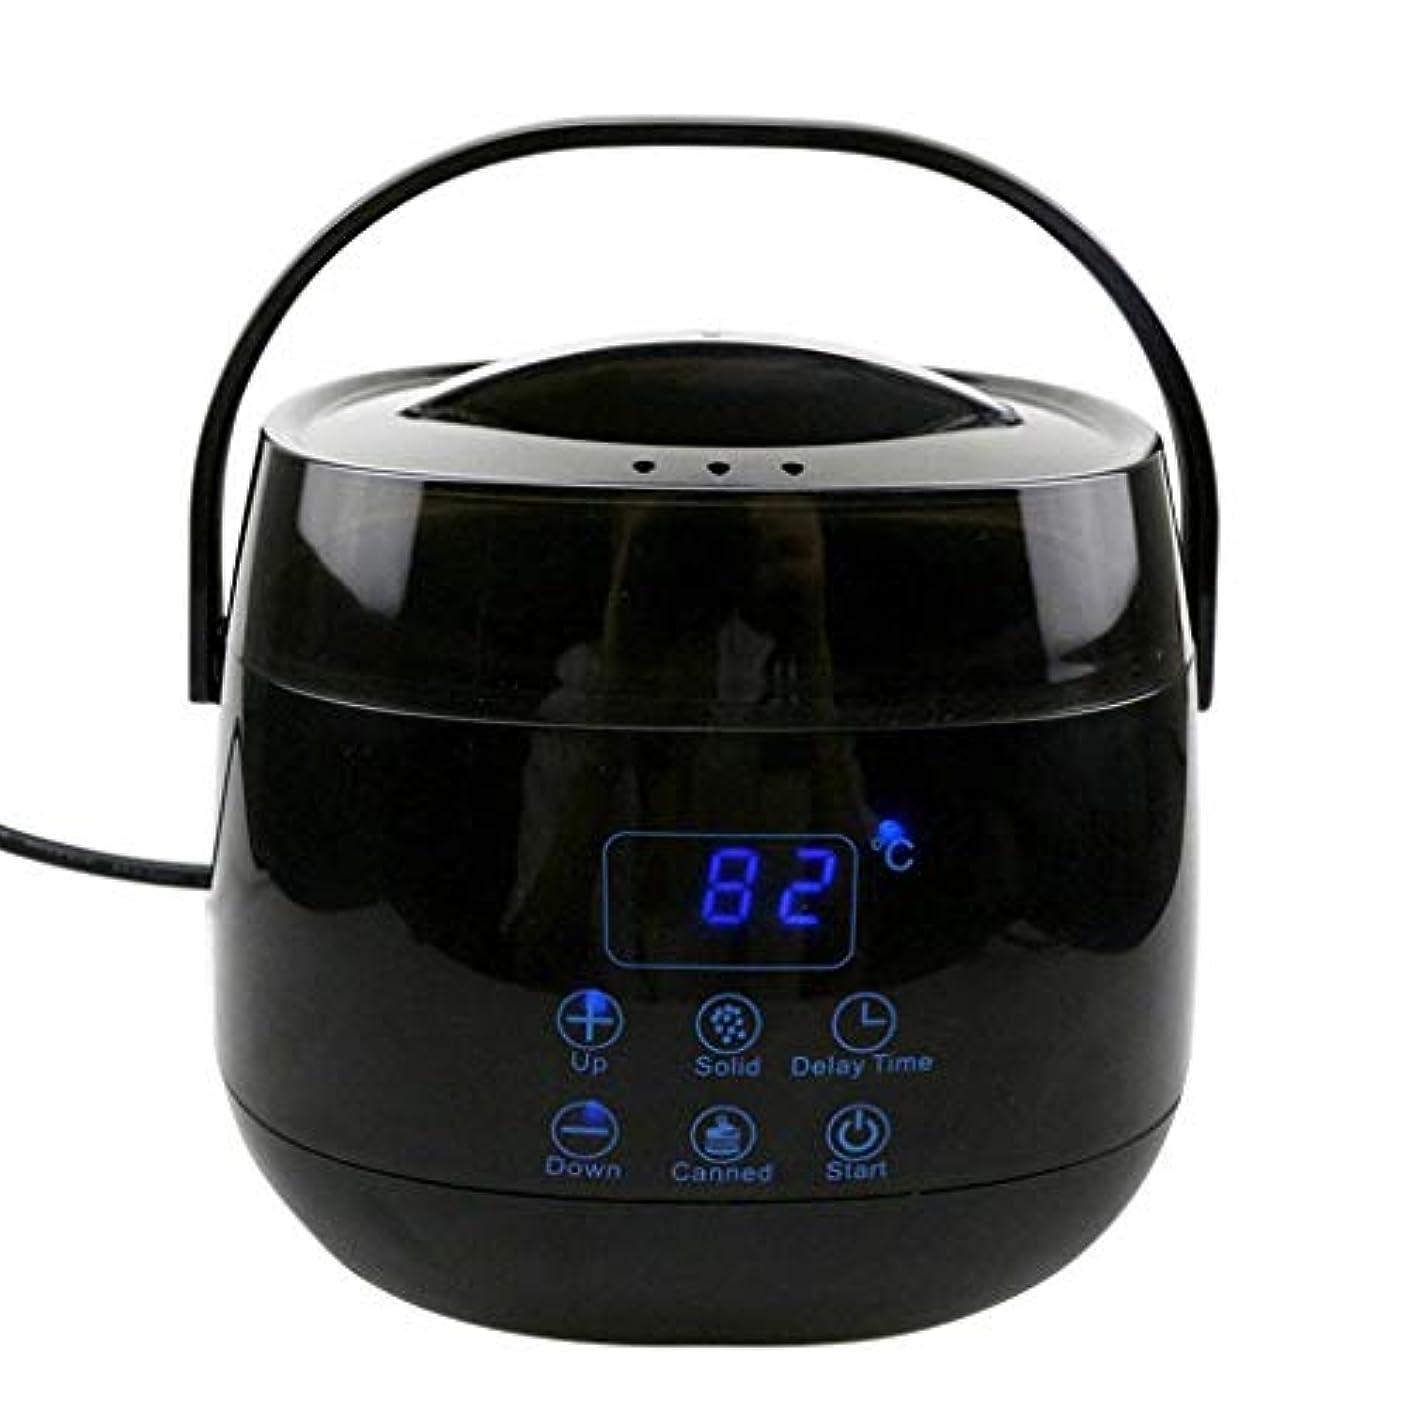 レパートリー広くデコードするハードワックスLED表示ハードワックスワックスアプリケーターは、インテリジェント温度ワックスウォーマーワックスがけアプリケーターコントロールシステムタッチボタン急速融解スティック